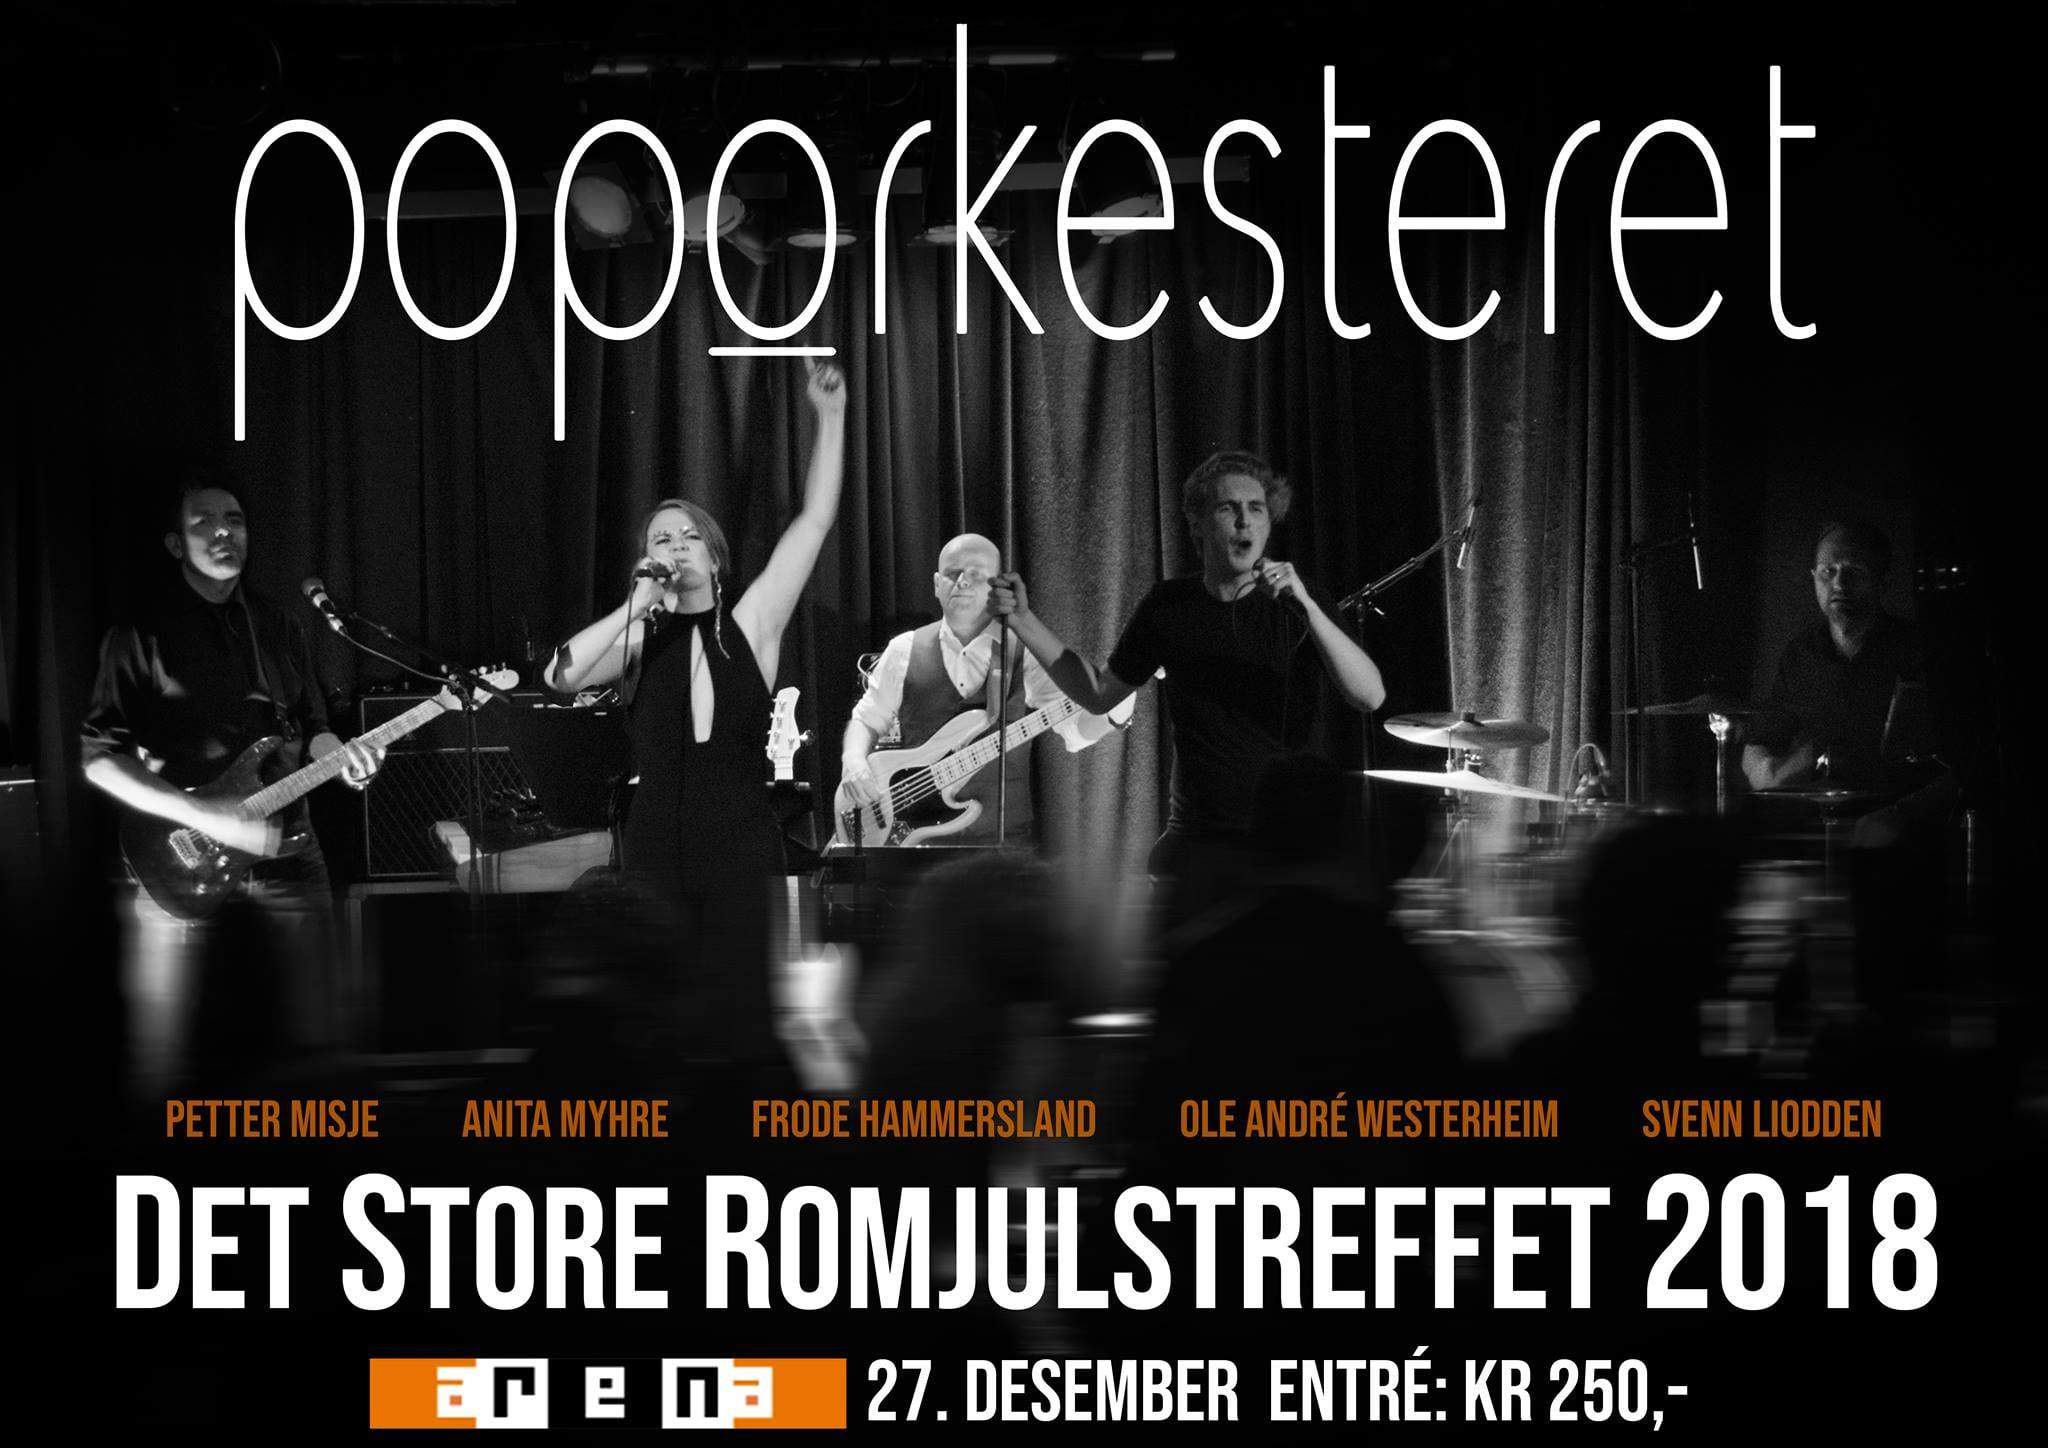 DetStoreRomjulstreffet_poporkesteret